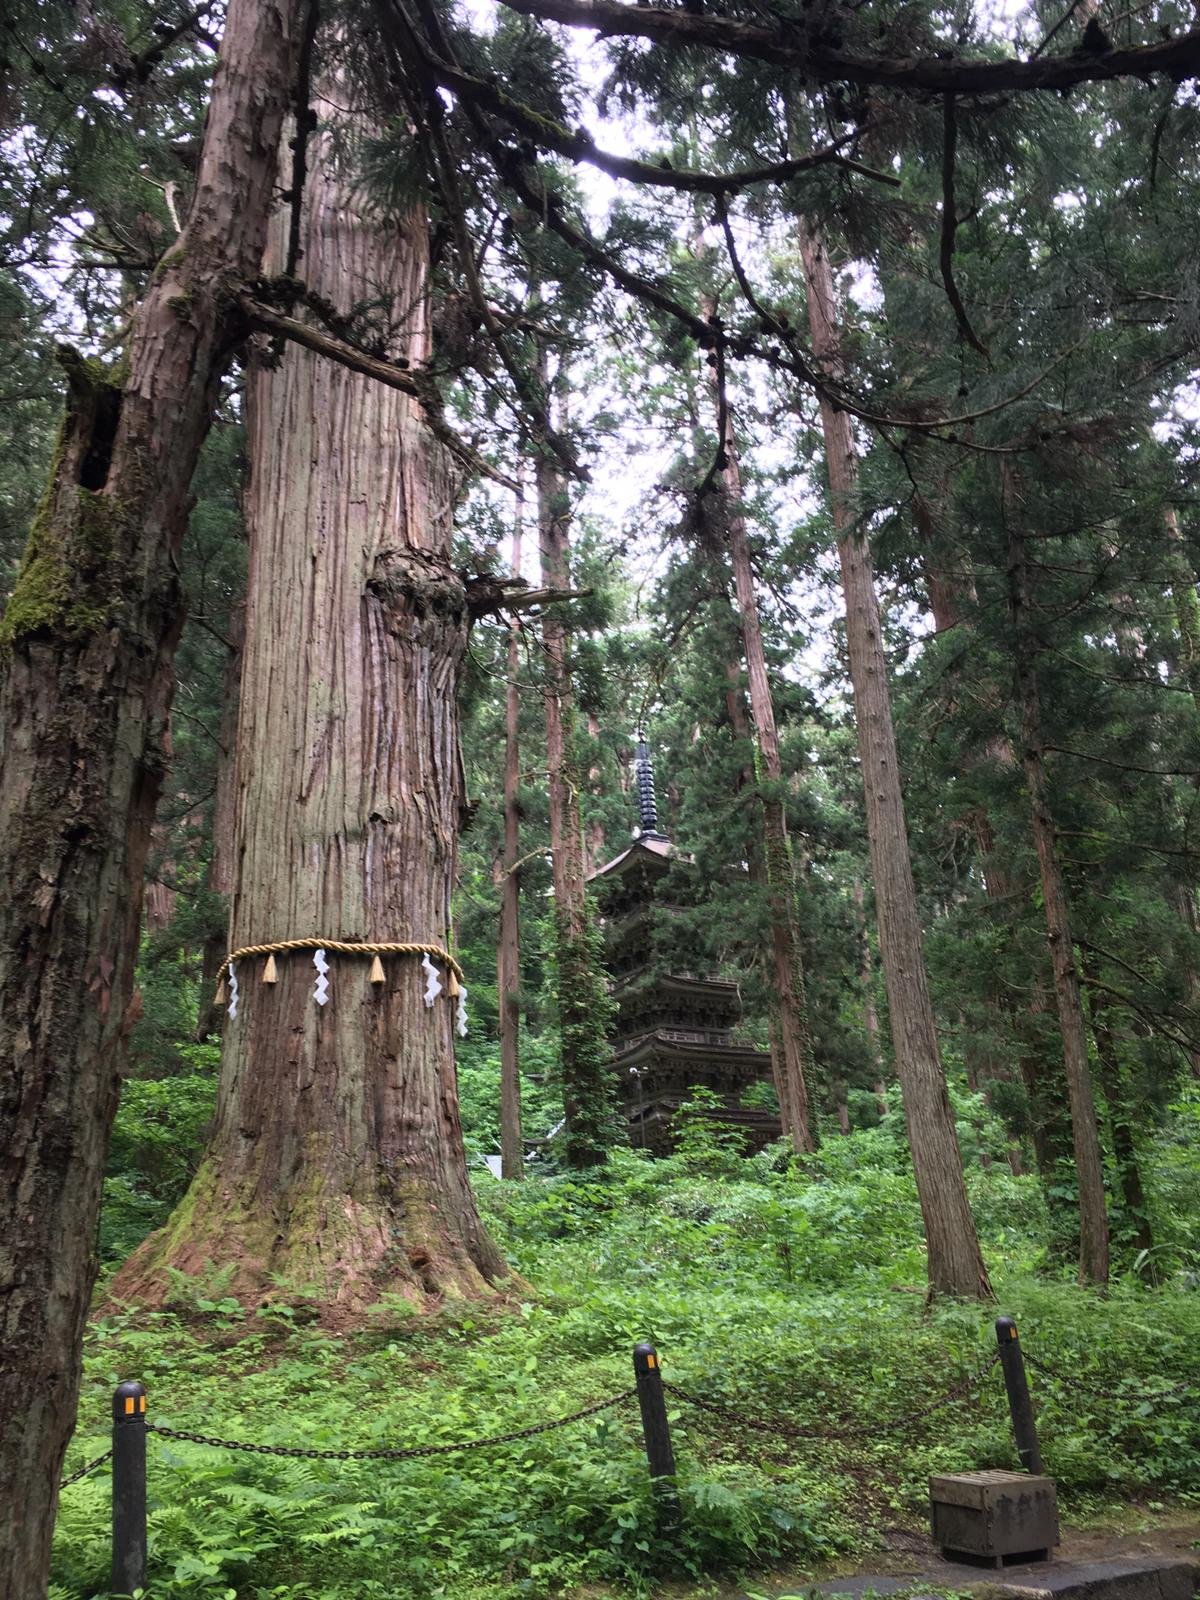 Tree and pagoda